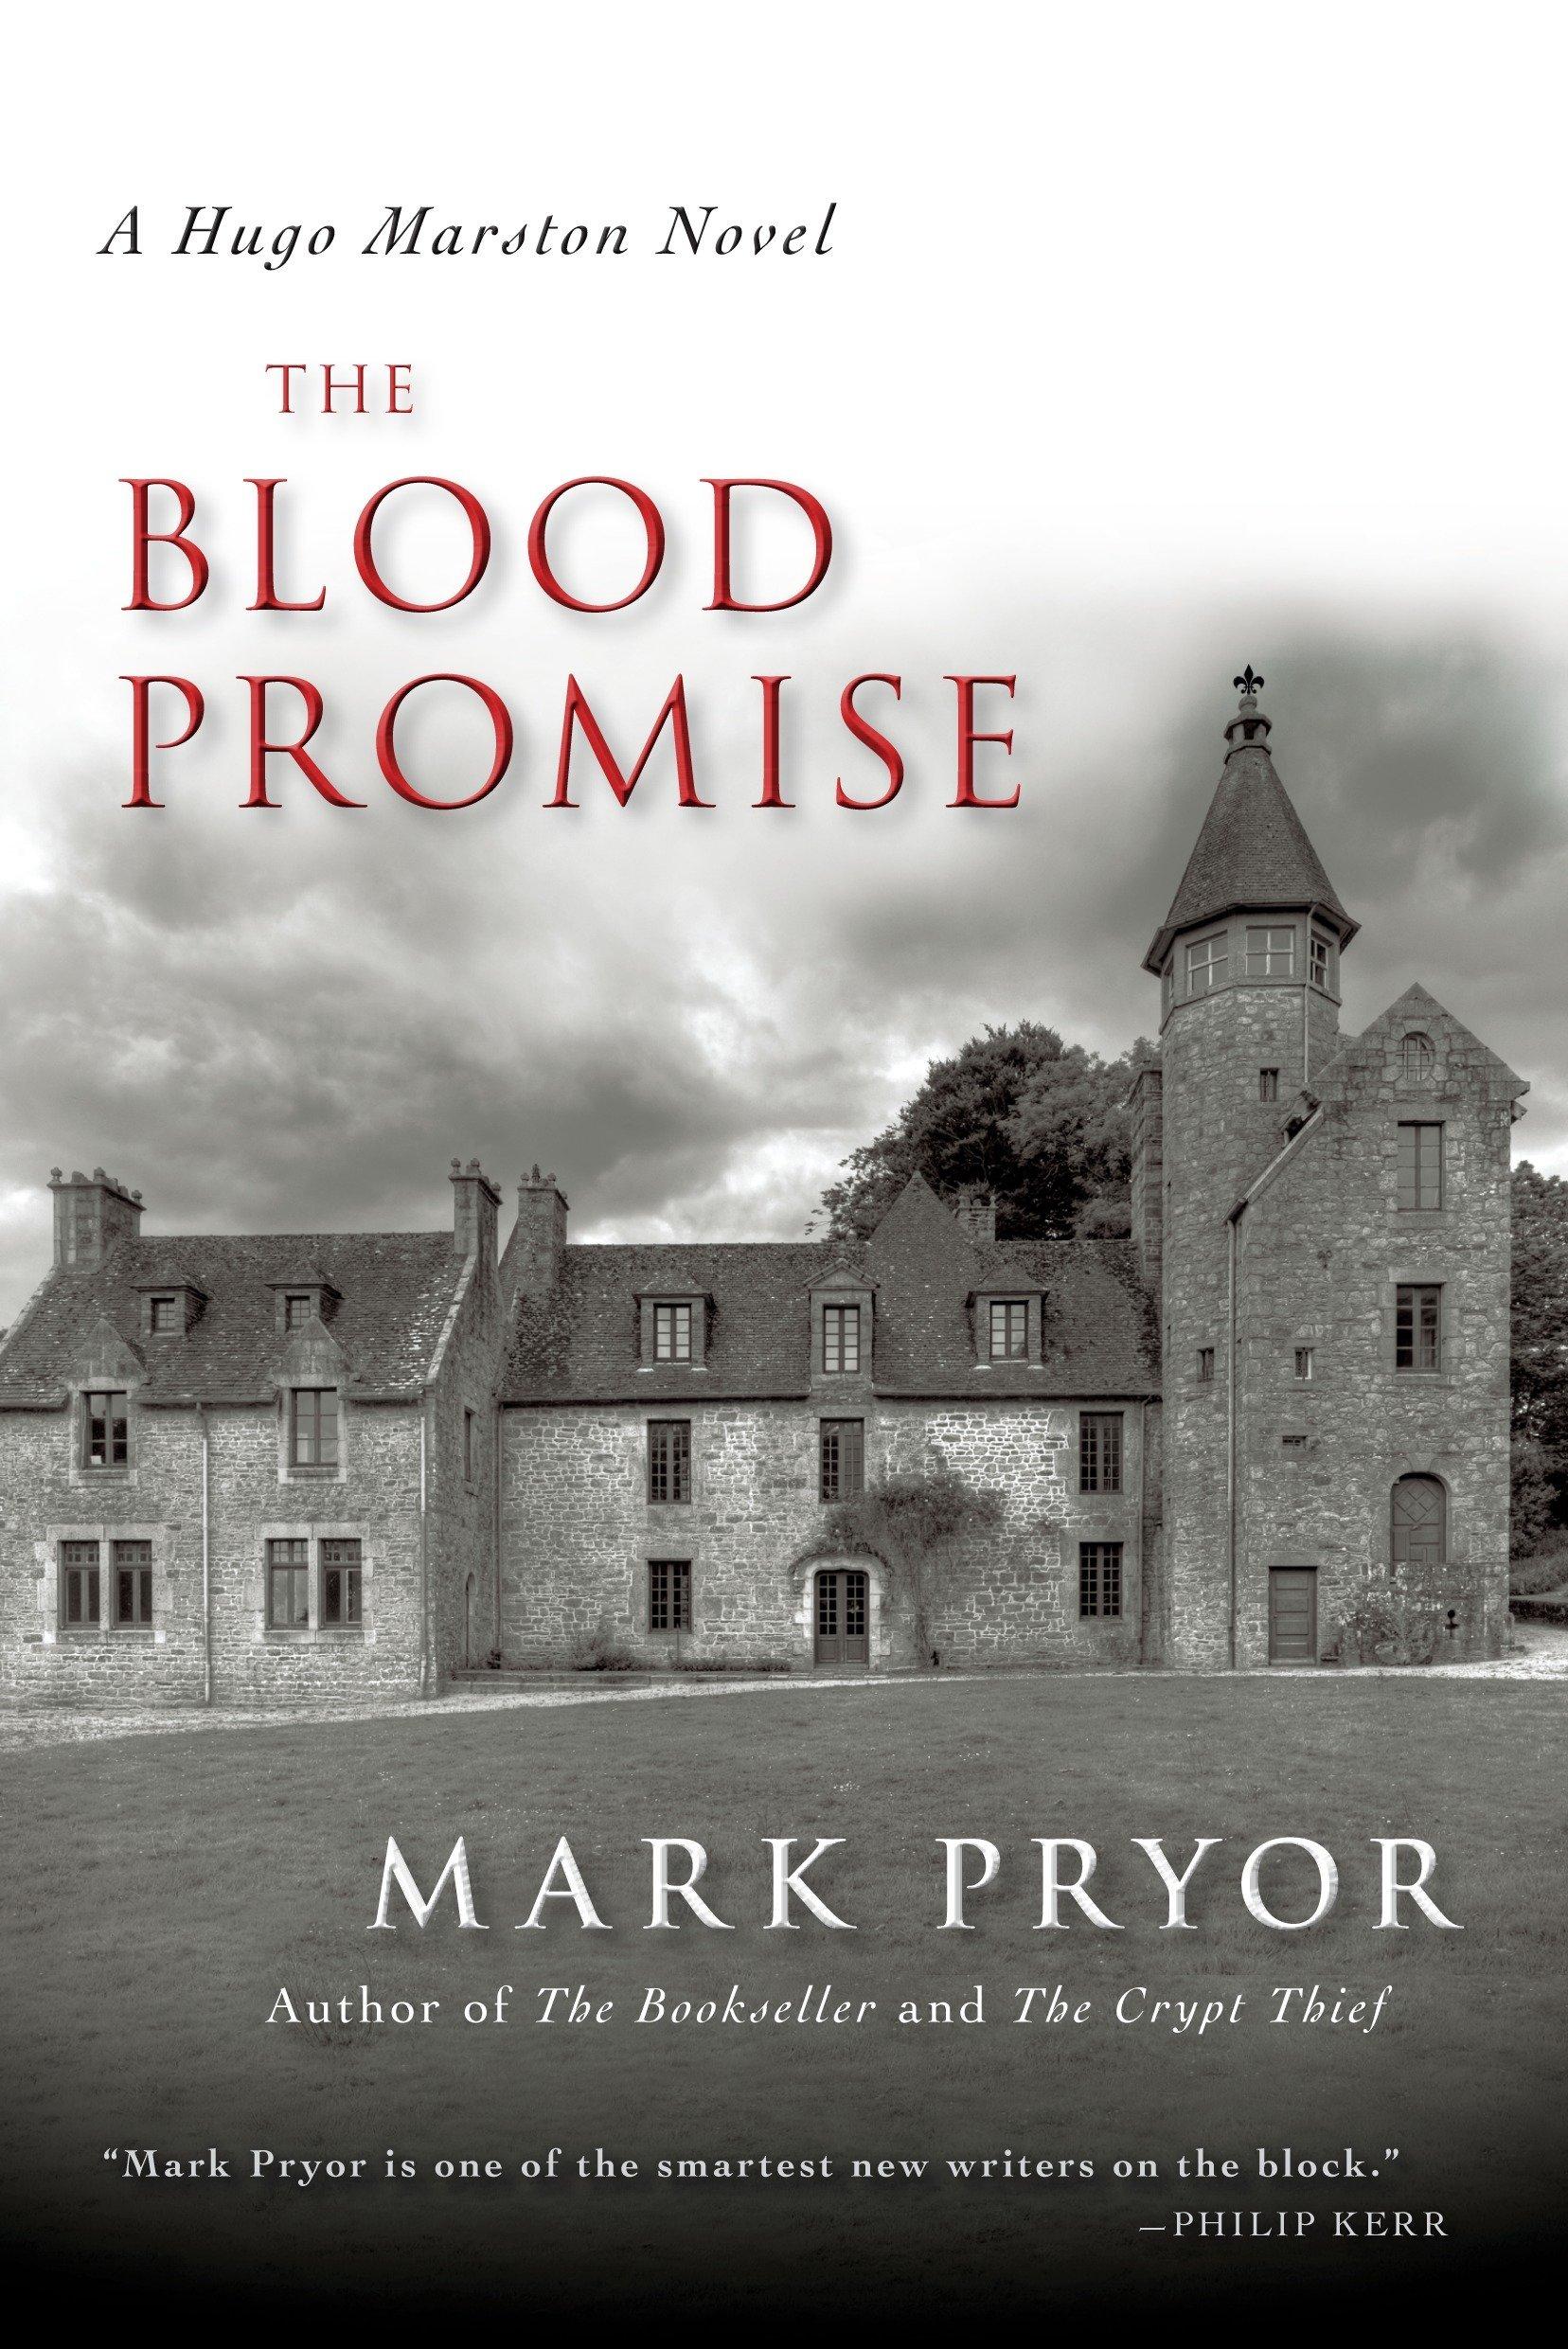 The Blood Promise- A Hugo Marston Novel ebook by Mark Pryor